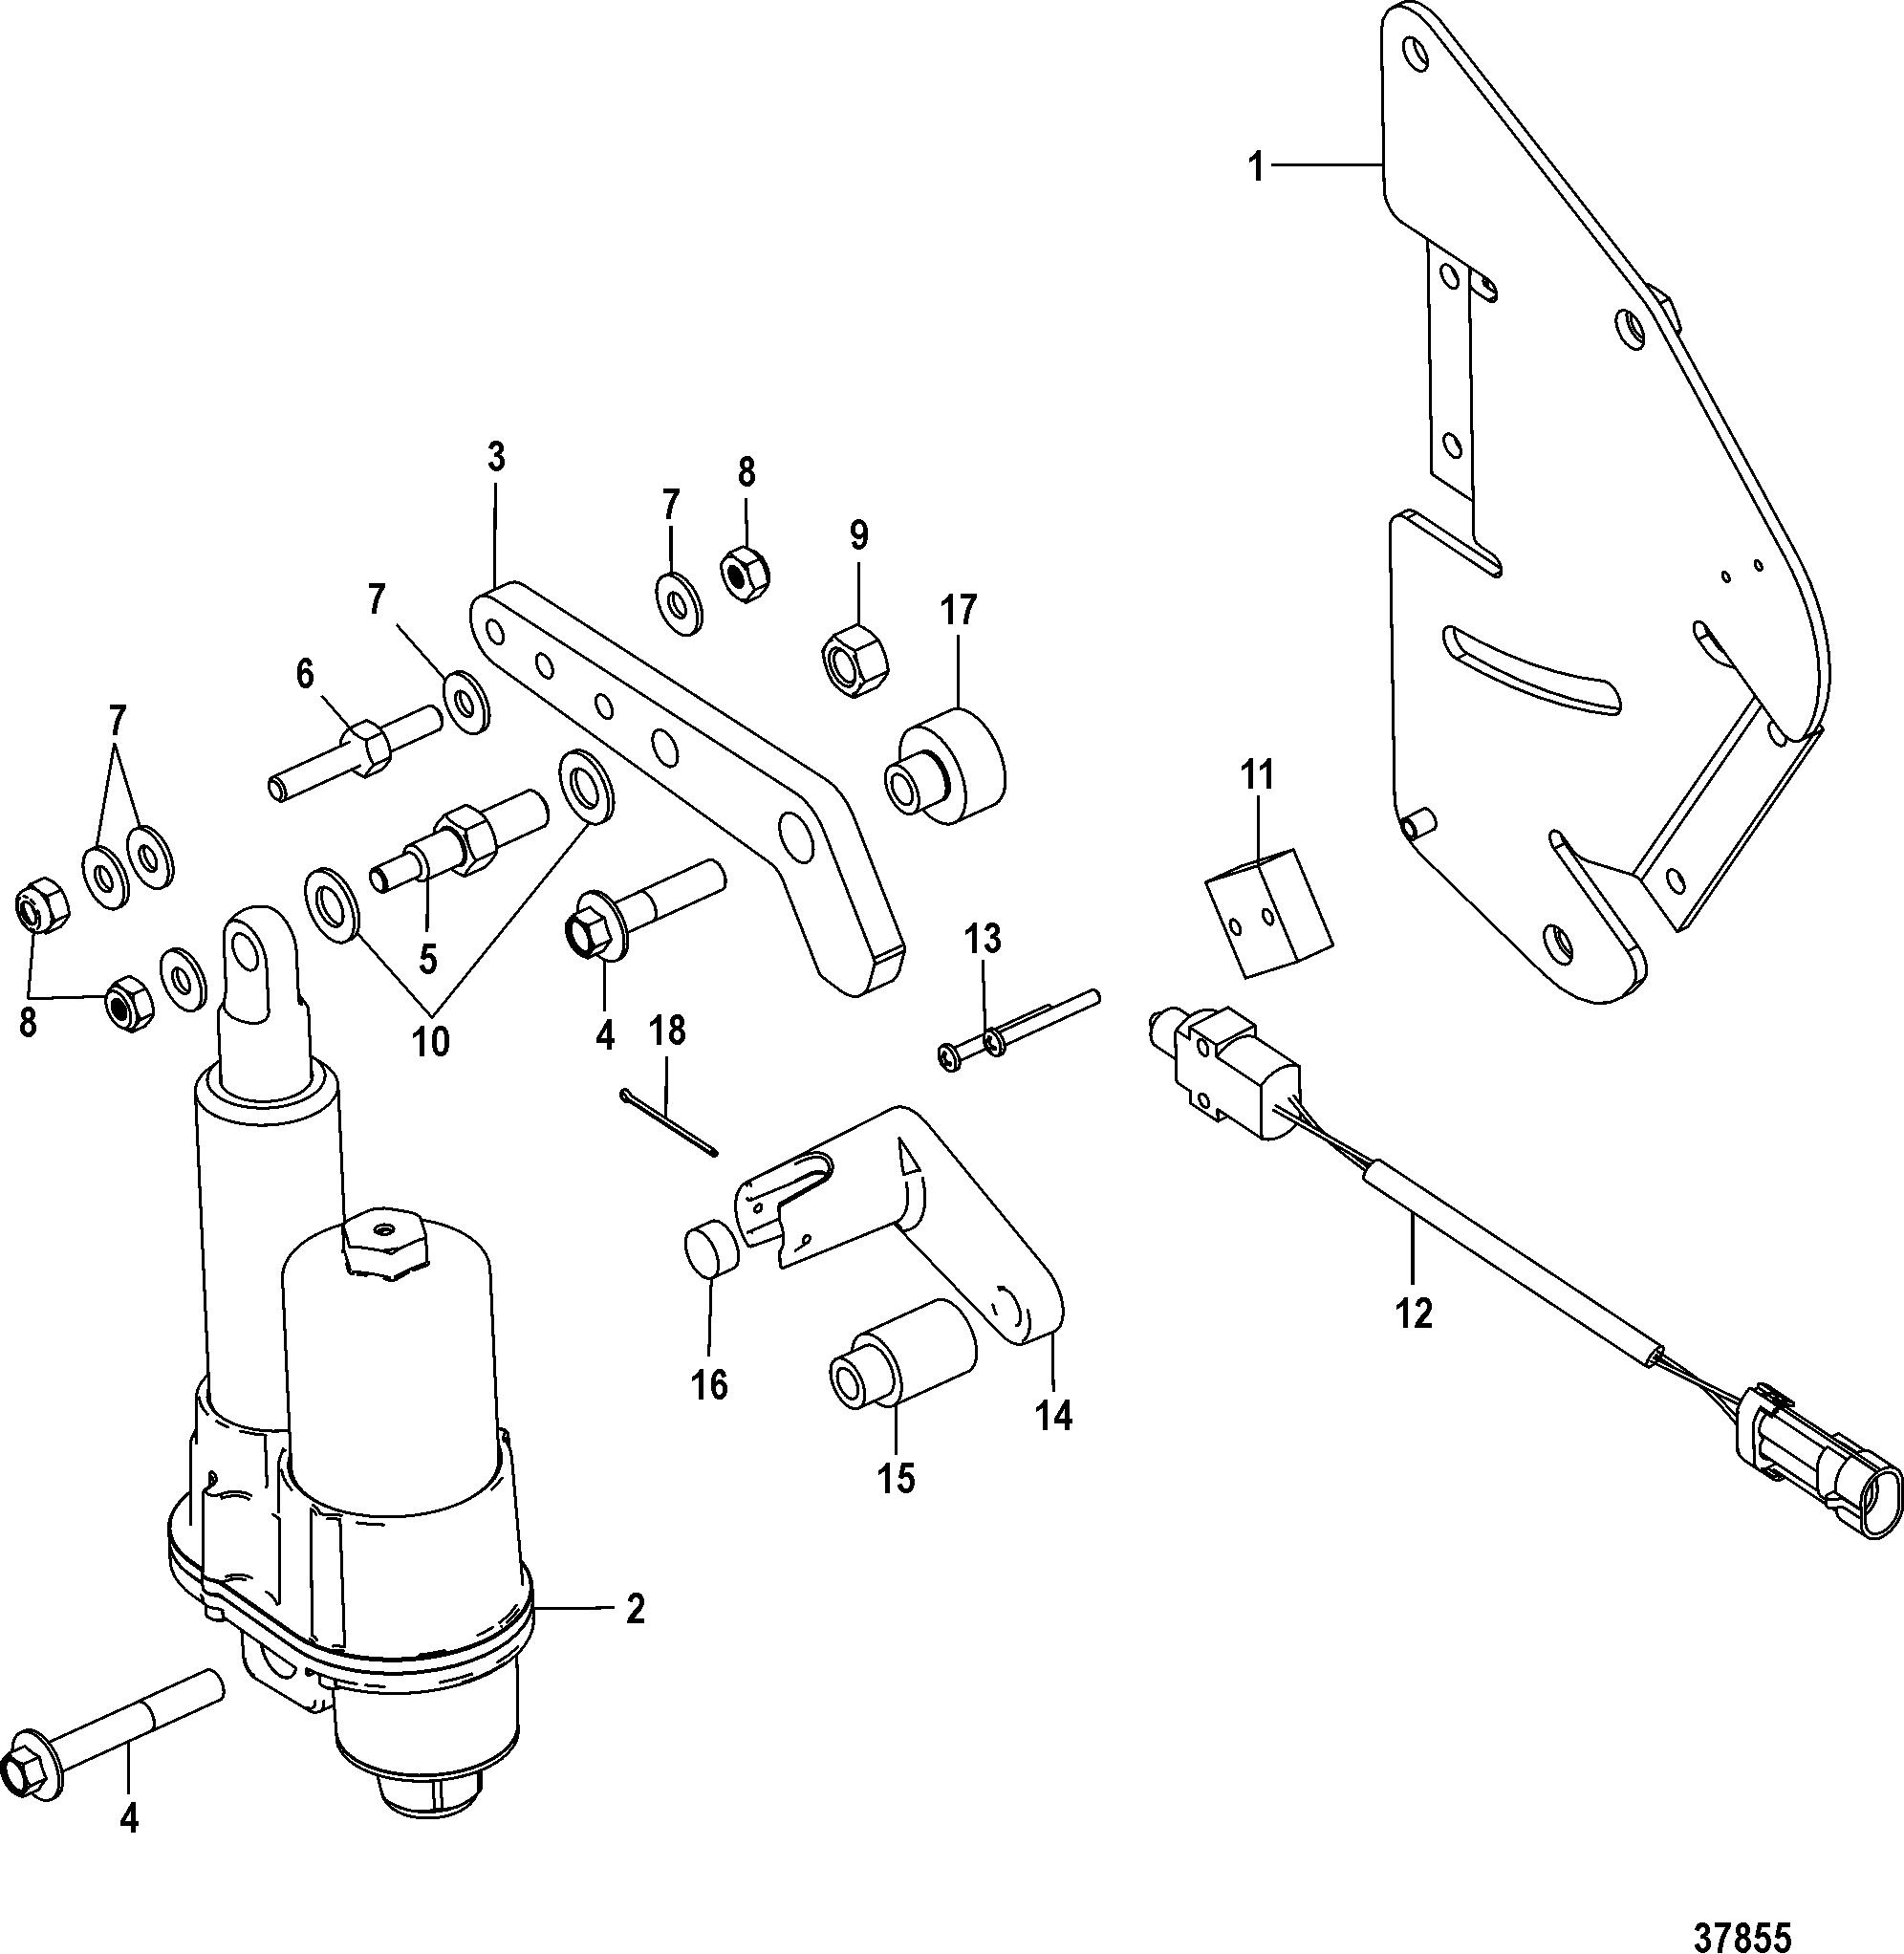 Mie cumminsmercruiser diesel qsd 20l radio wiring diagram for 1997